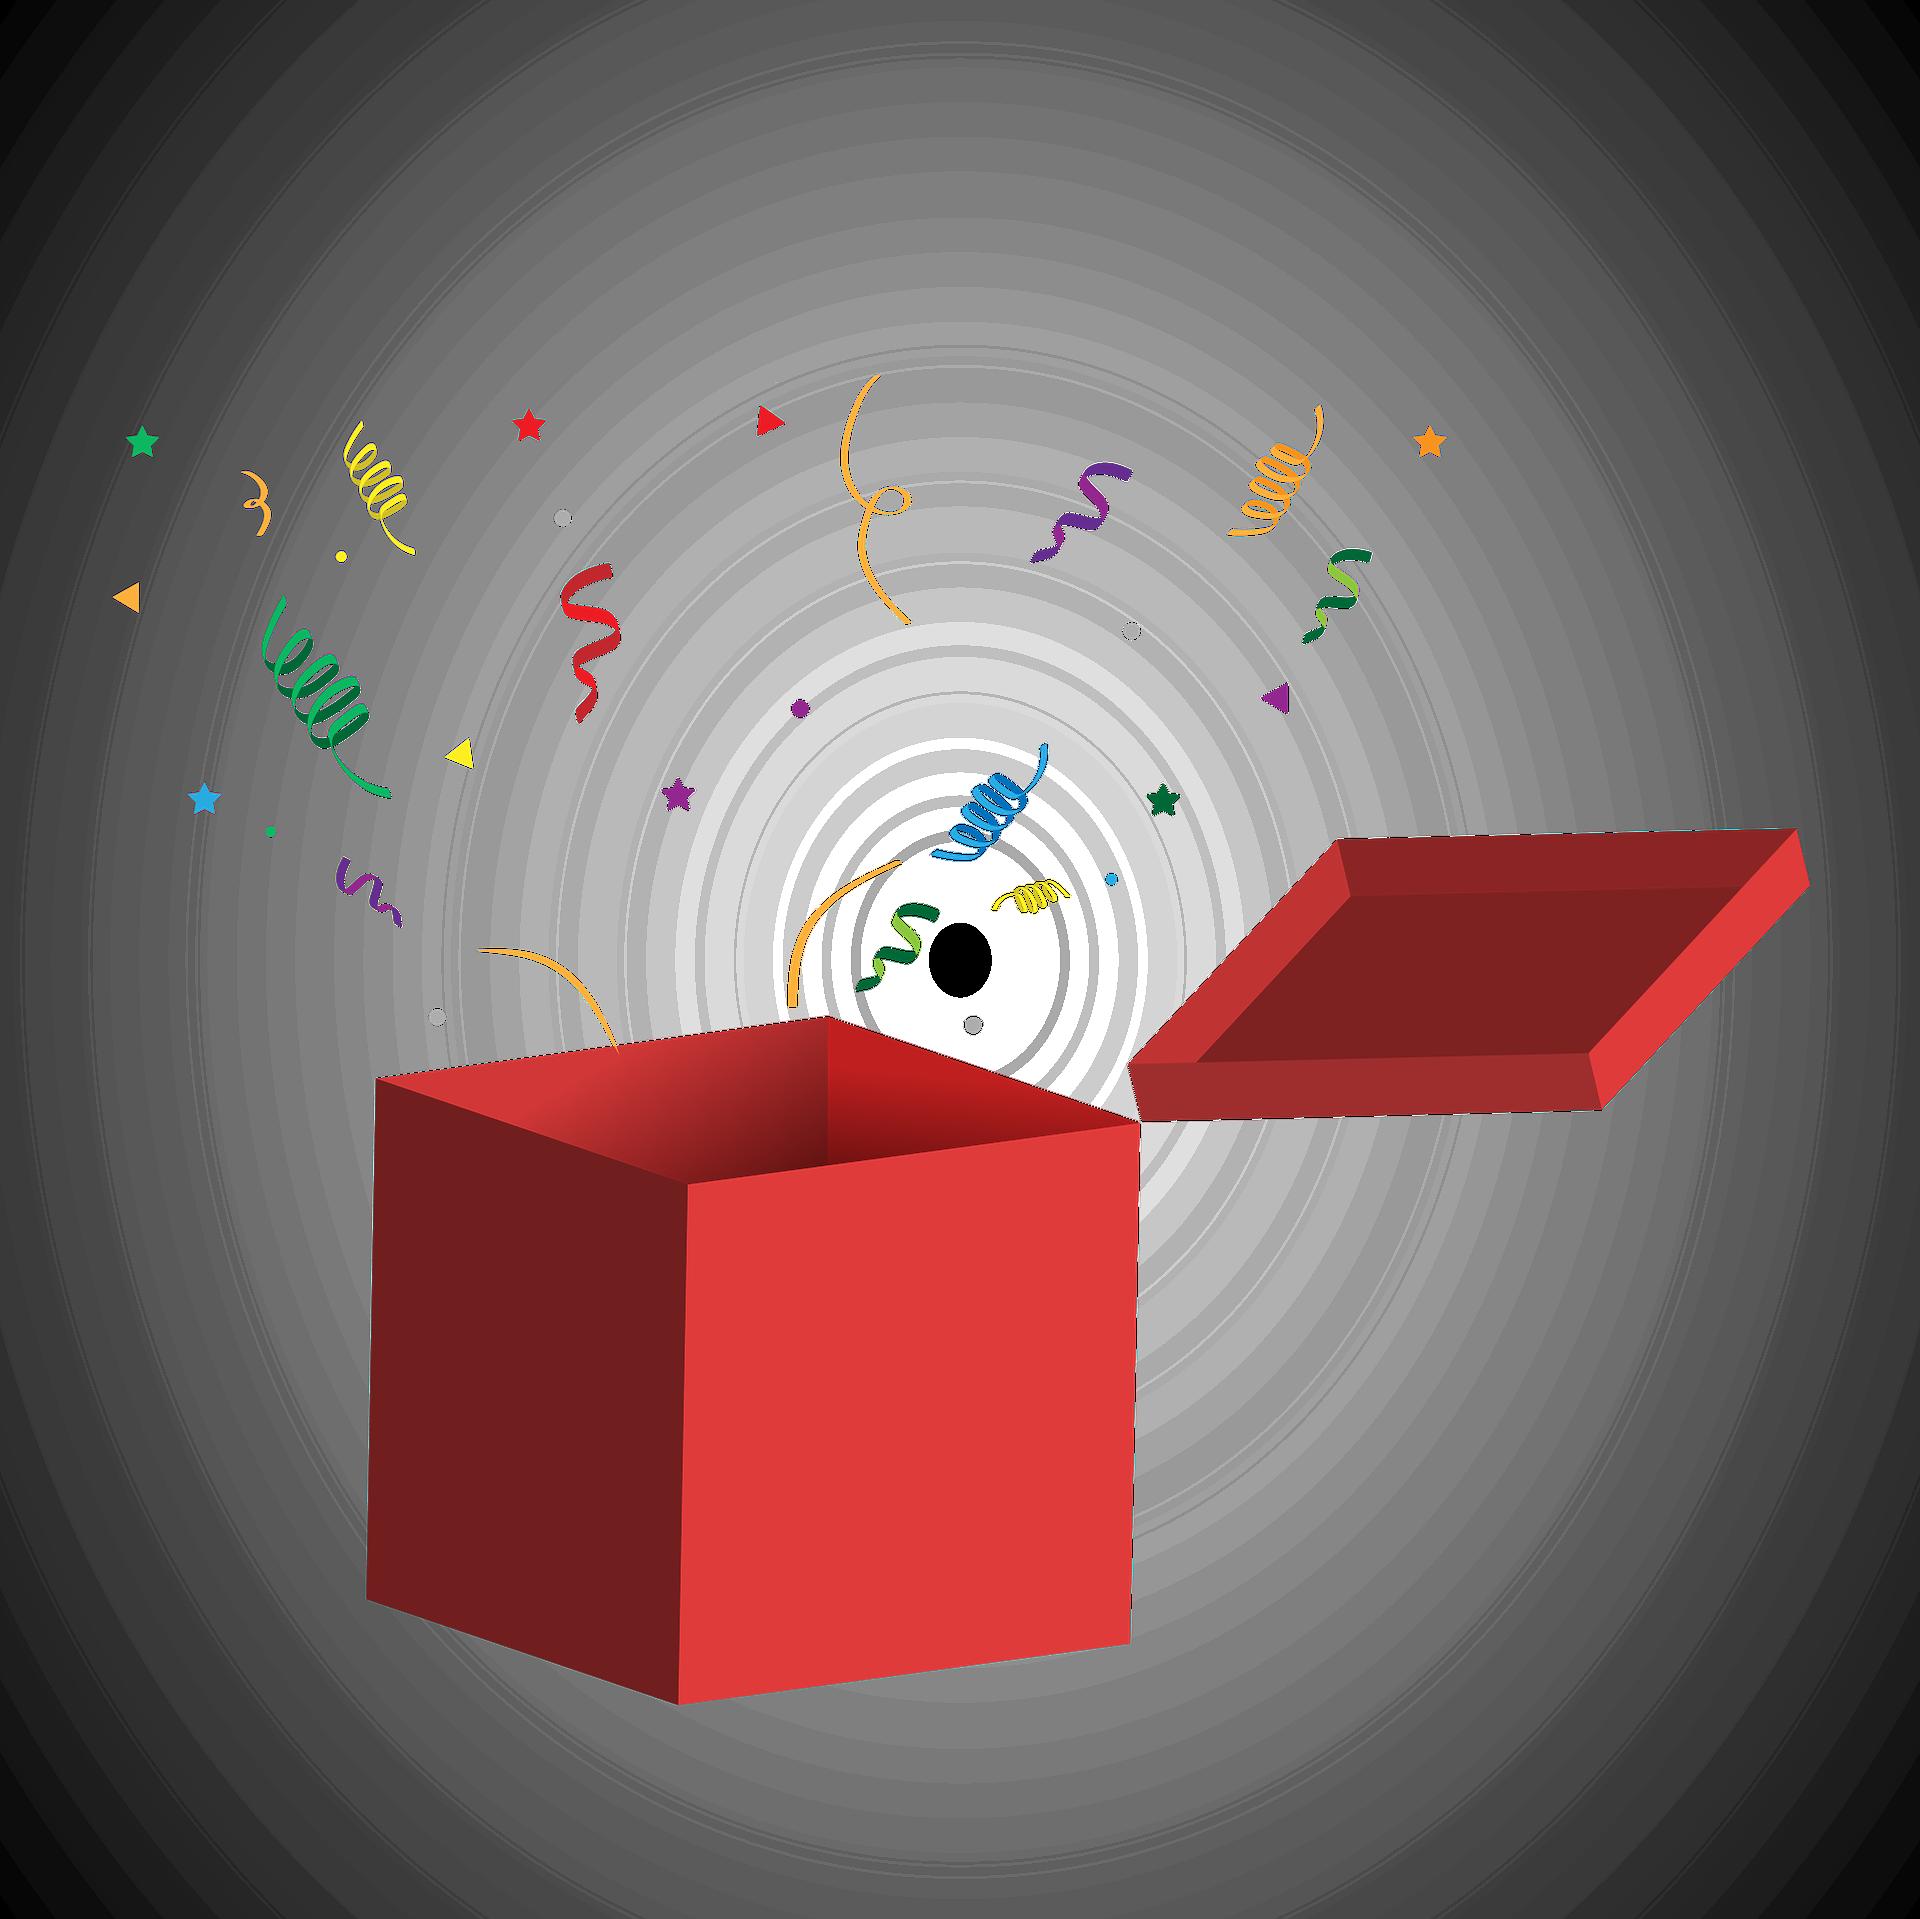 La caixeta màgica